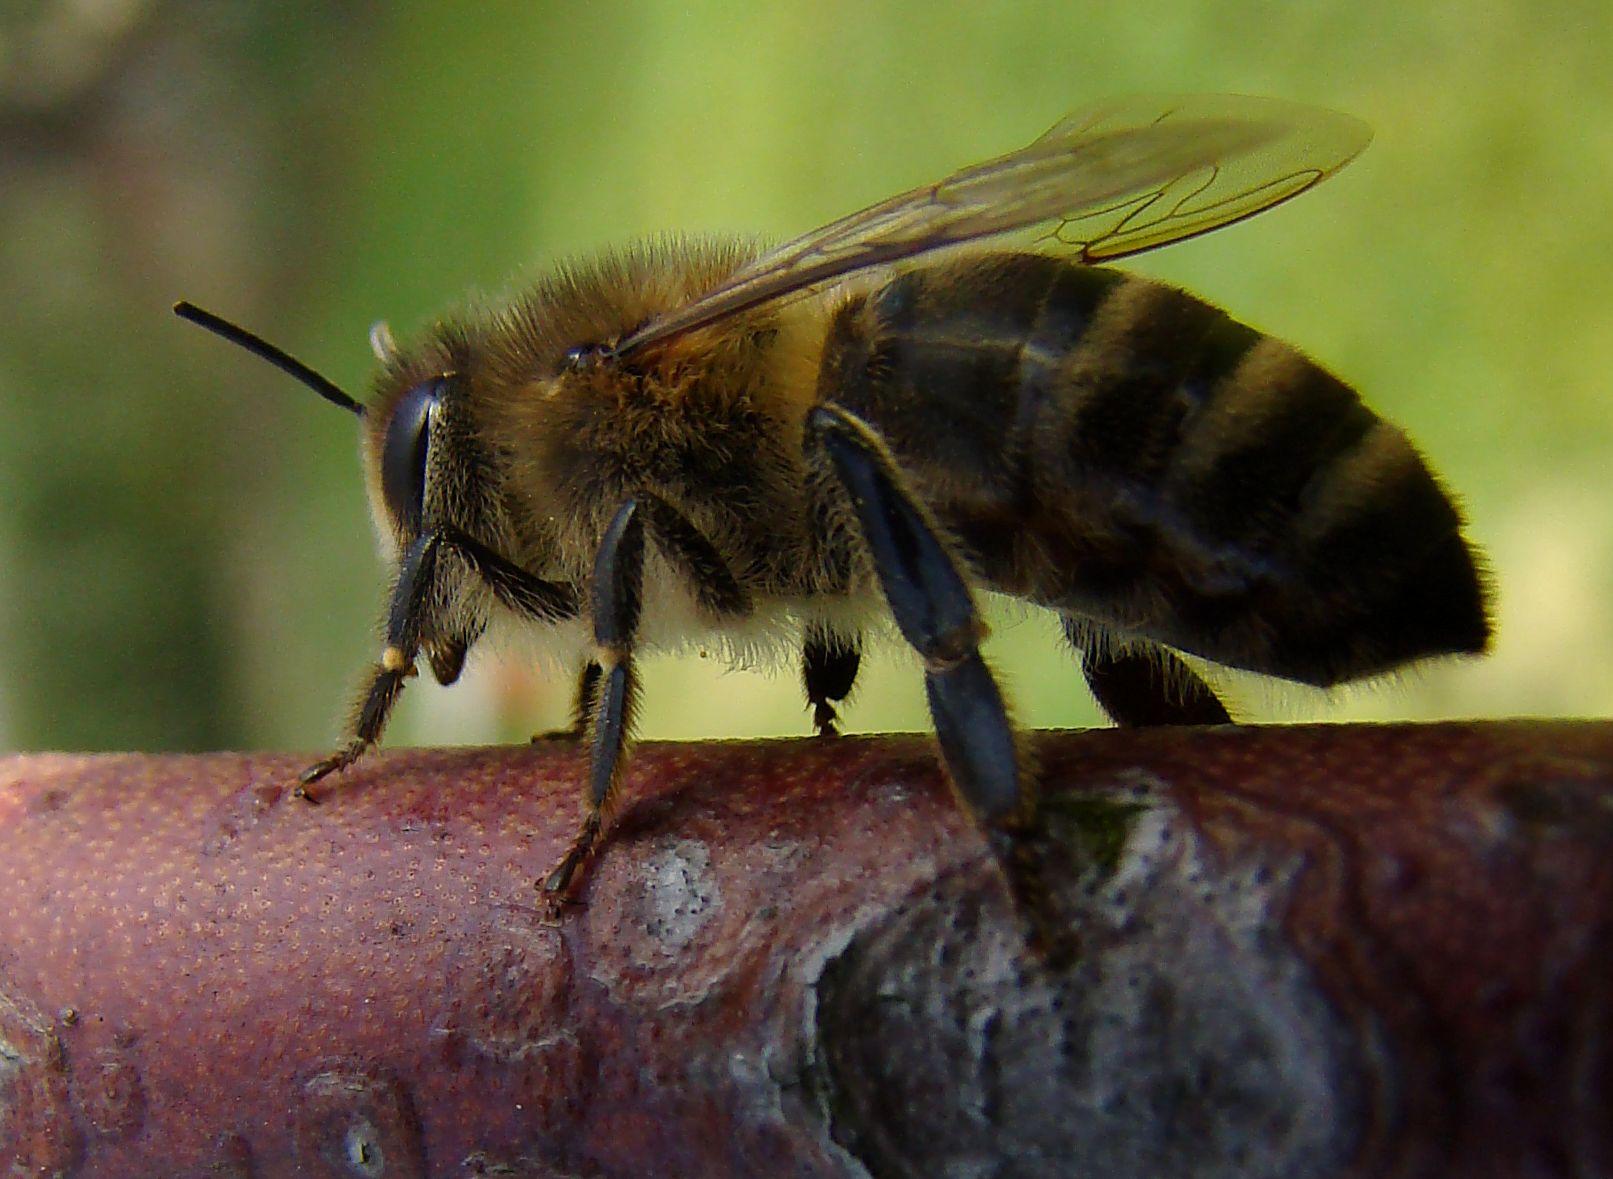 dunkle europäische biene kaufen